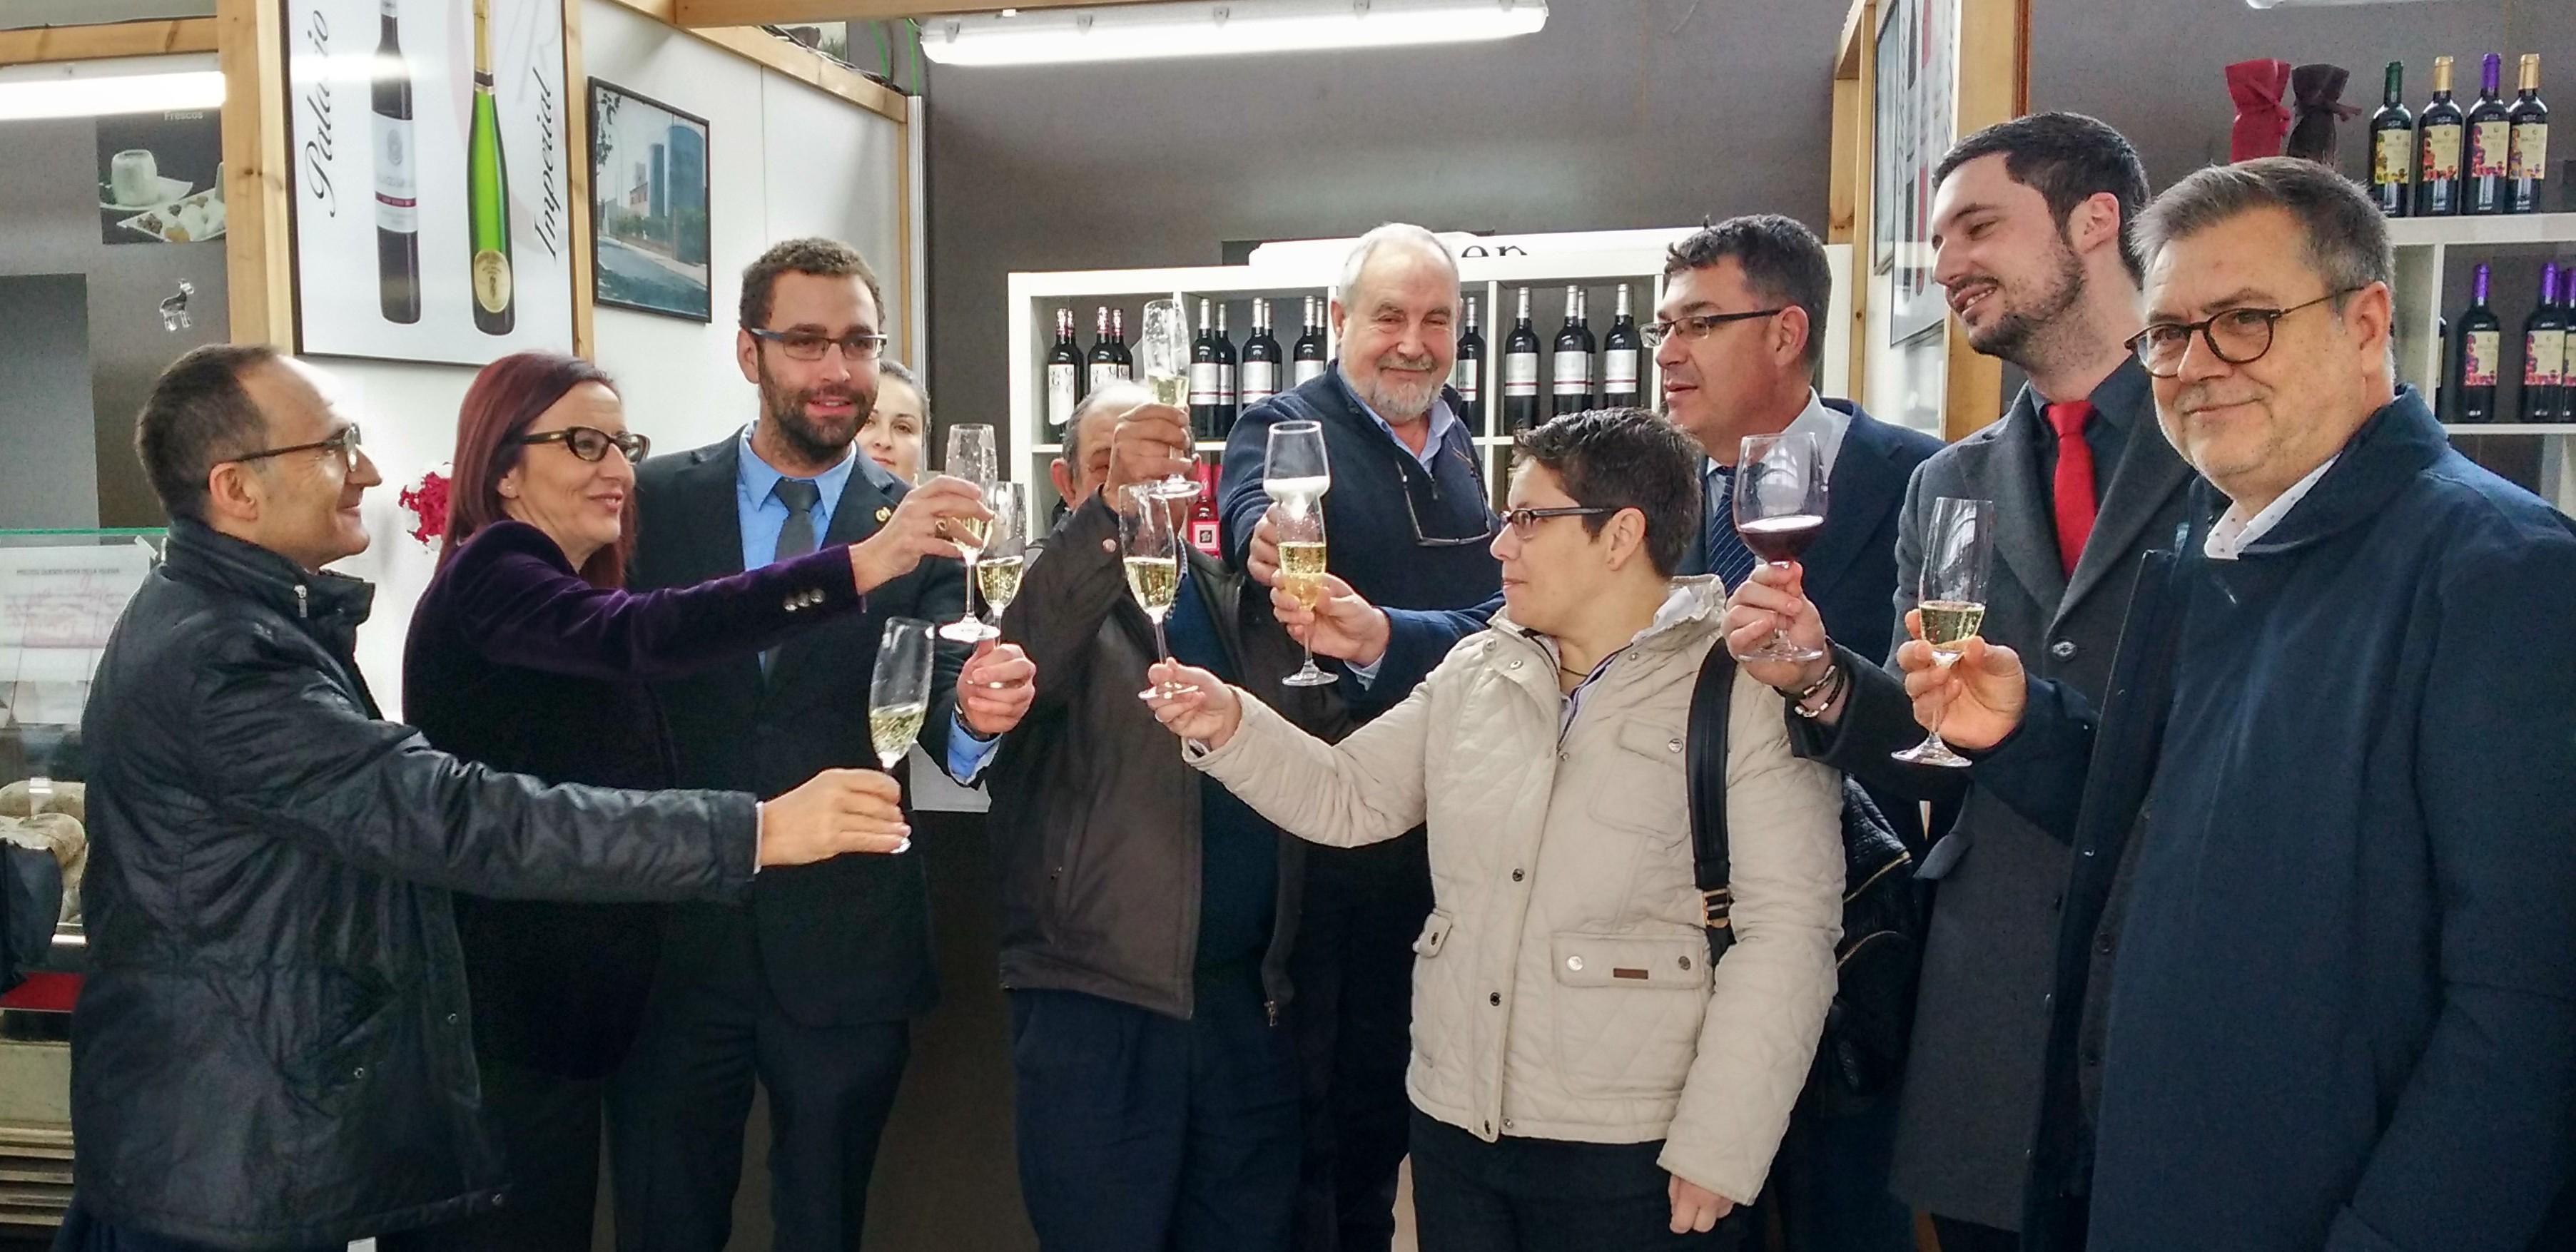 El presidente de las Corts Valencianes, Enric Morera, y la vicepresidenta de la Diputación de Valencia, Maria Josep Amigó, han sido los encargados de inaugurar esta edición.